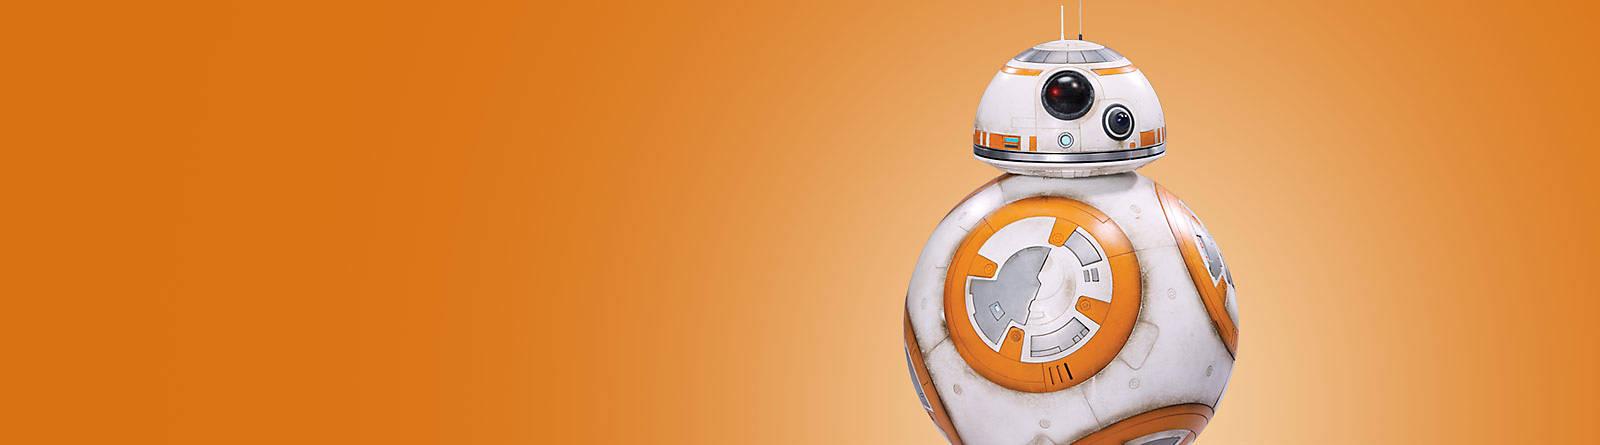 BB-8 Questo è il droide che stai cercando. Scopri la nostra fantastica collezione di giochi ed accessori dedicata a BB-8